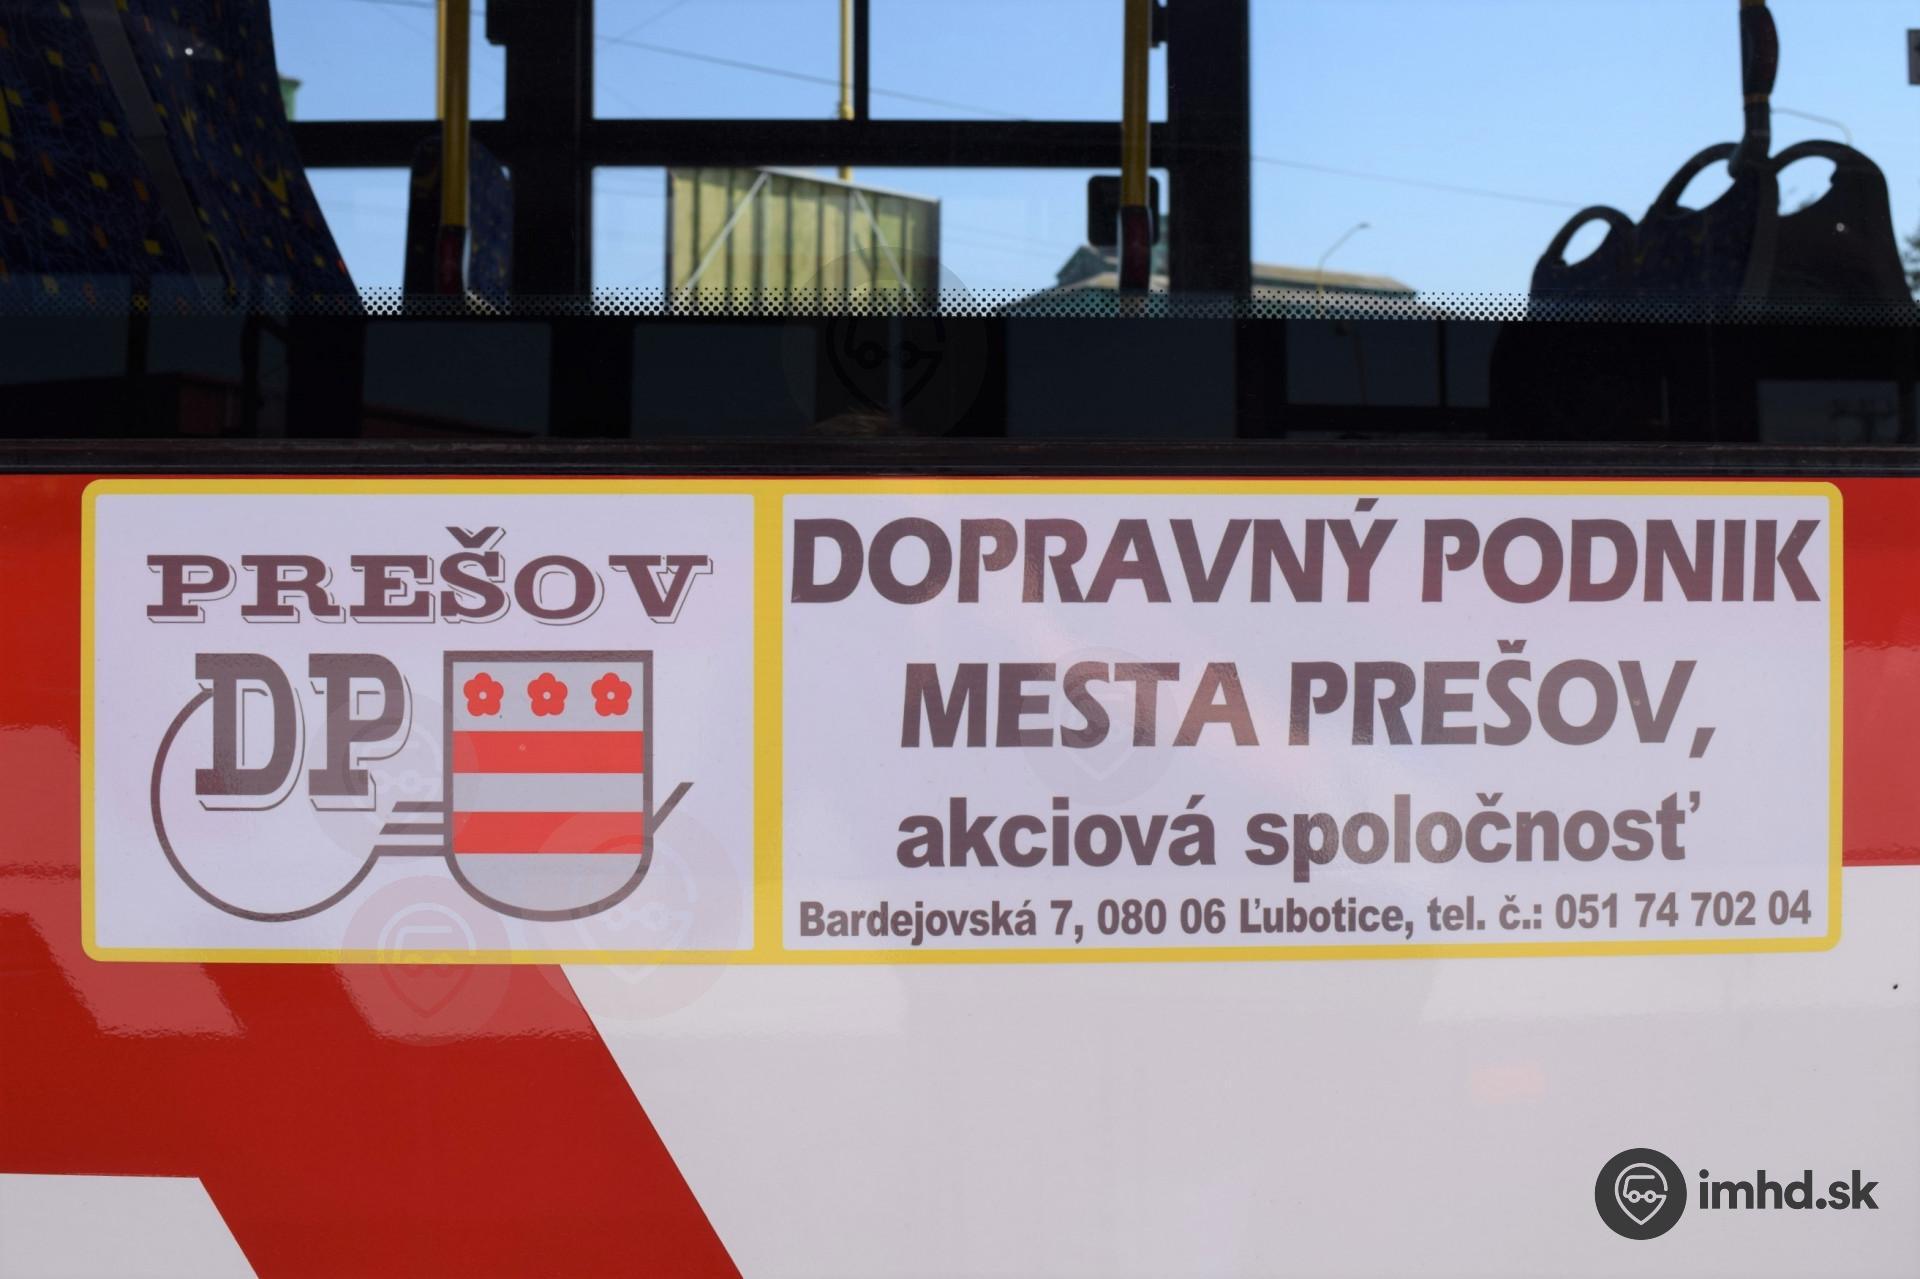 ea32ec495 Zamestnanci DPMP vstúpili do štrajkovej pohotovosti • imhd.sk Slovensko a  svet